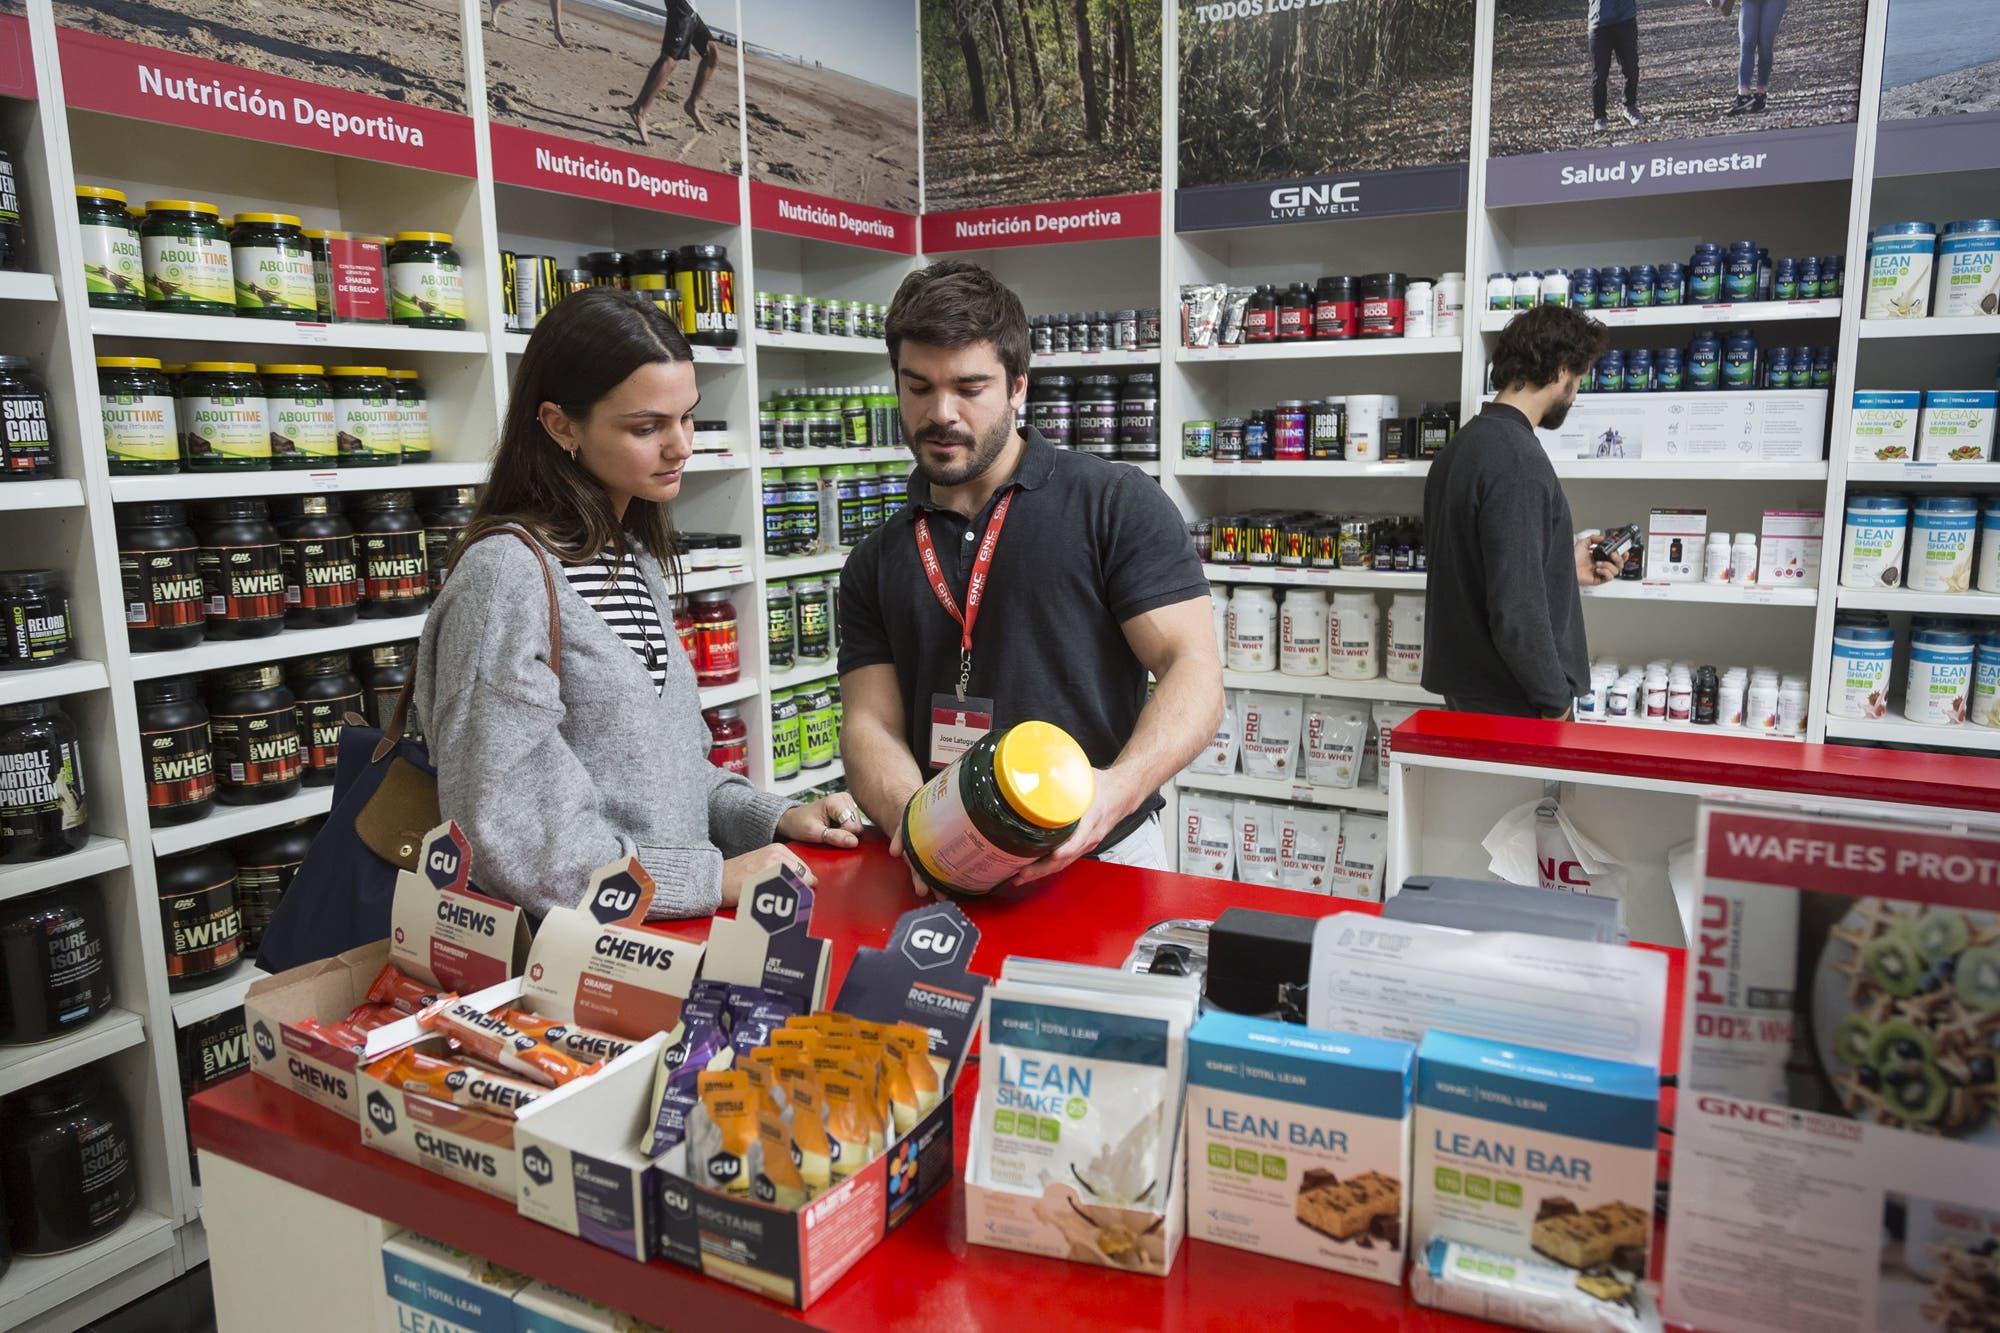 suplementos deportivos para mujeres en uruguay